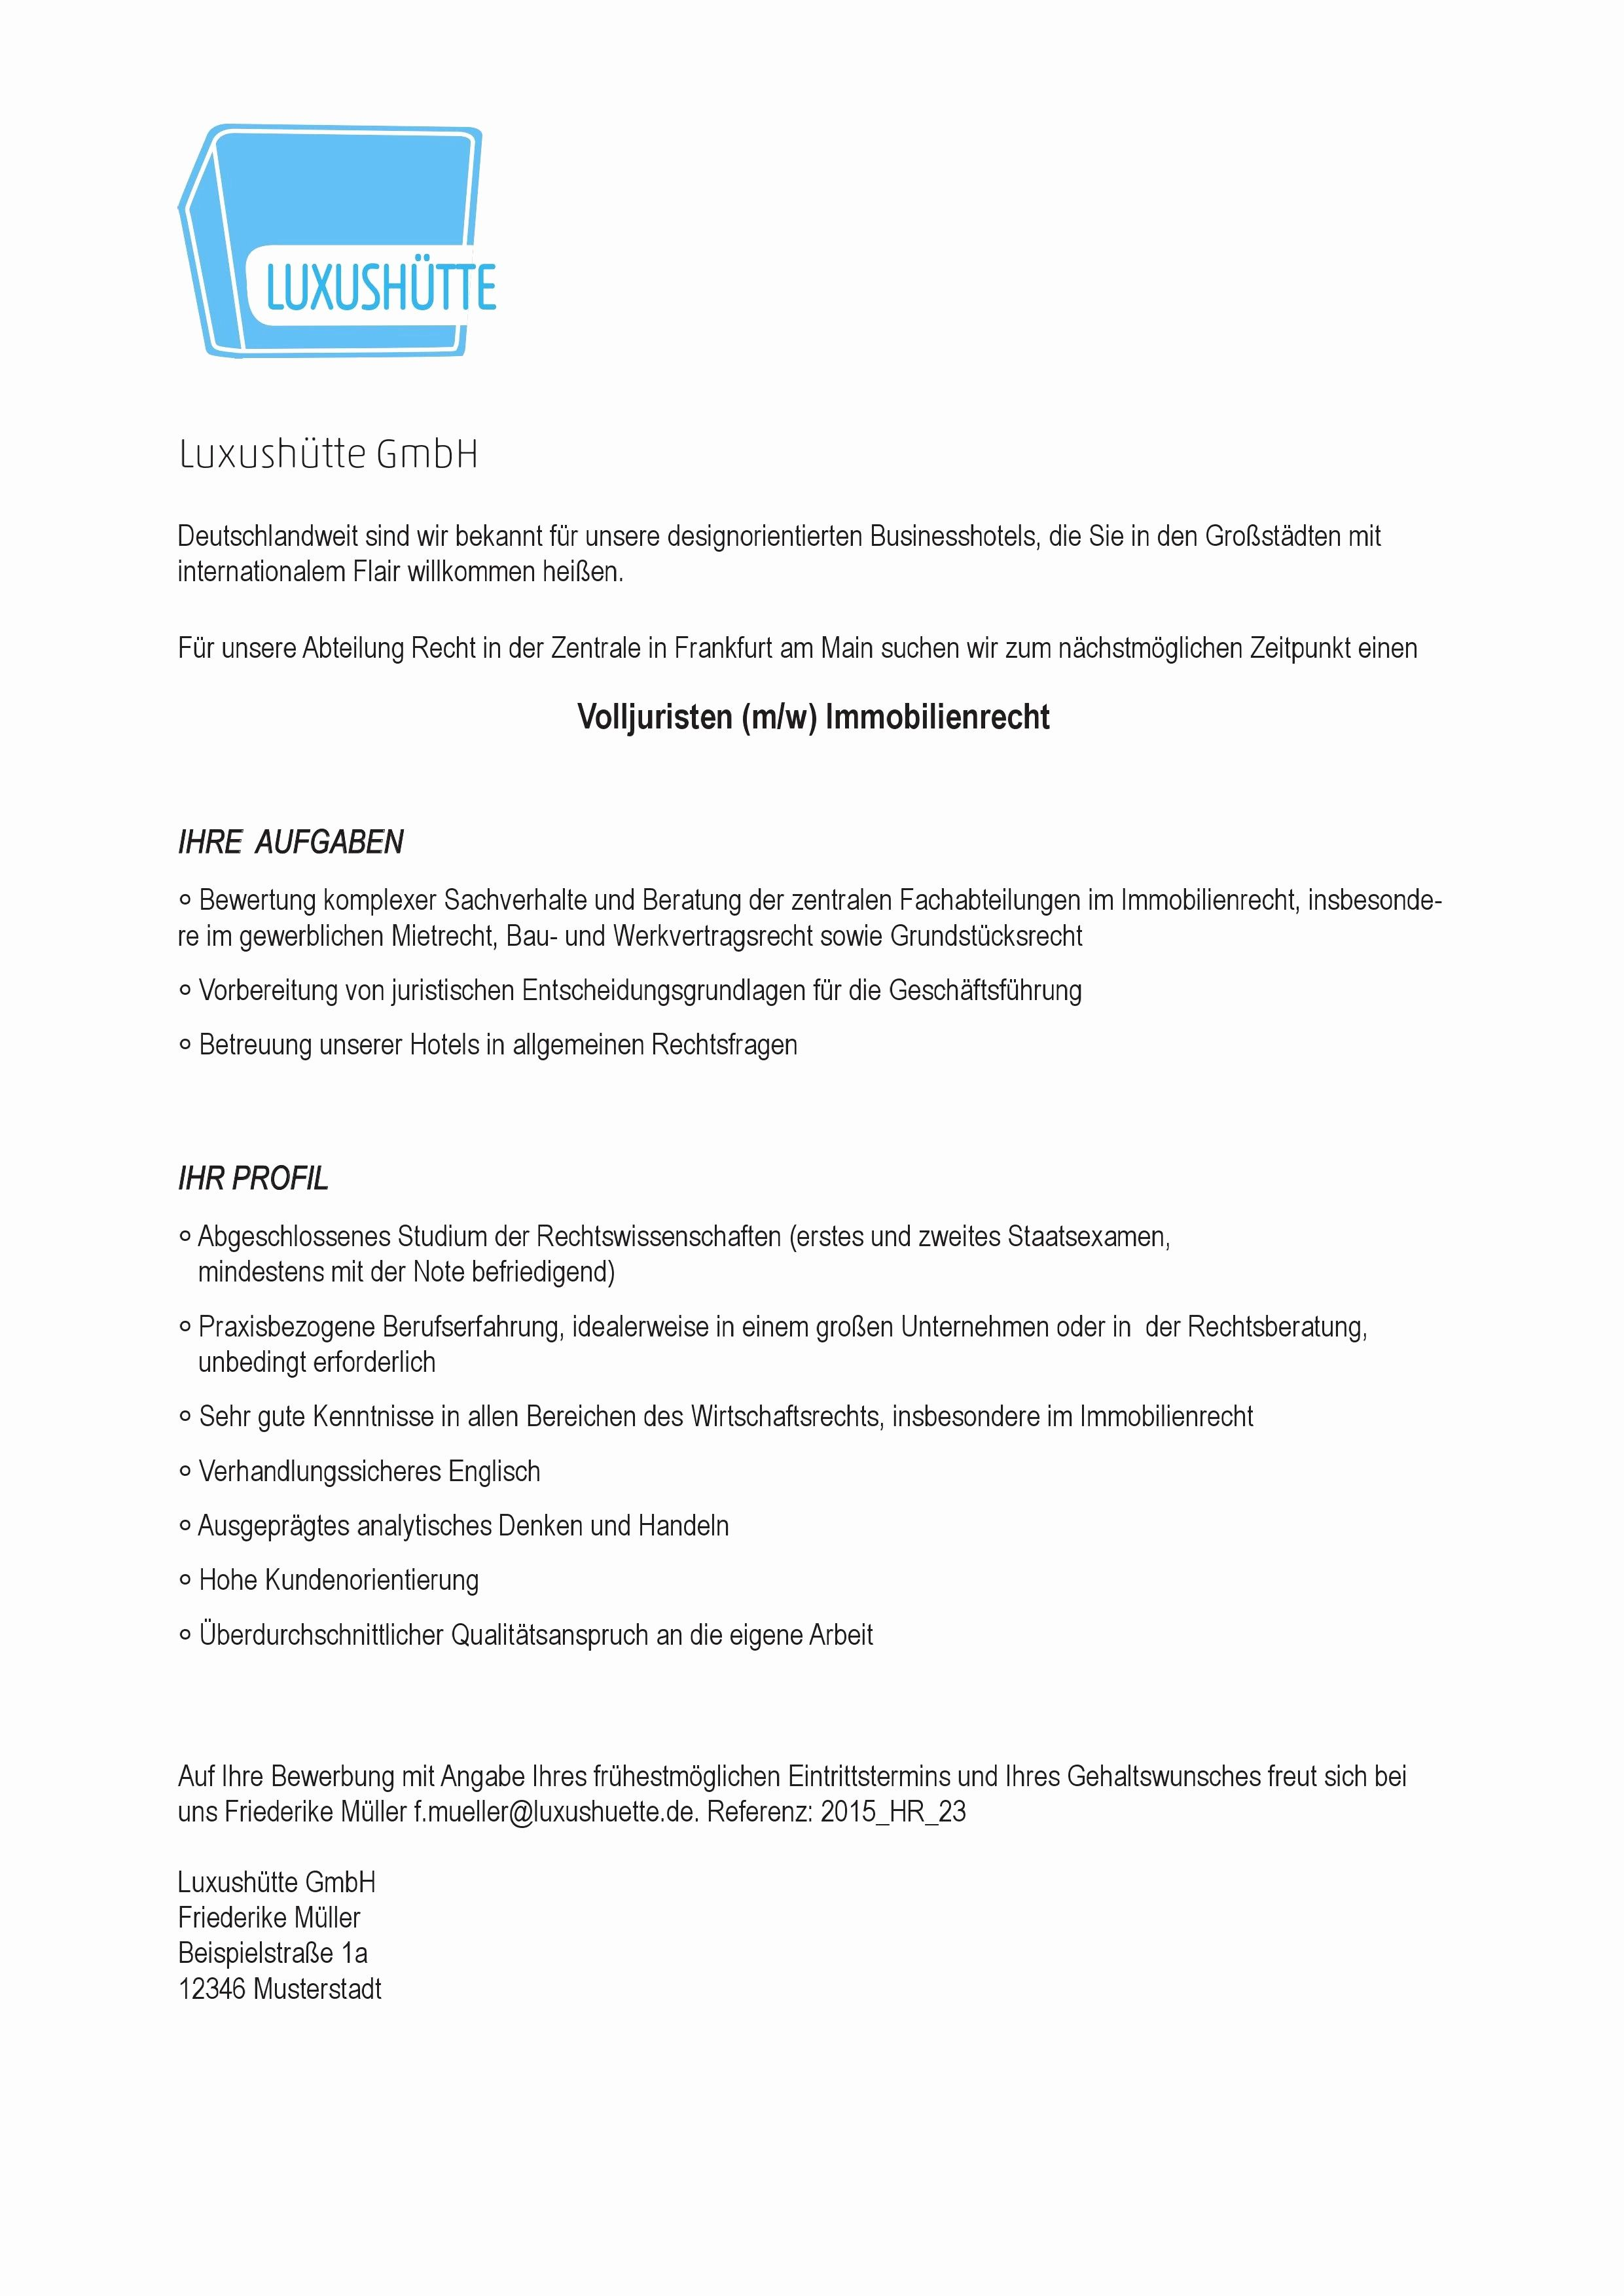 Neu Motivationsschreiben Verfassungsschutz Briefprobe Briefformat Briefvorlage Vorlagen Lebenslauf Lebenslauf Absage Bewerbung